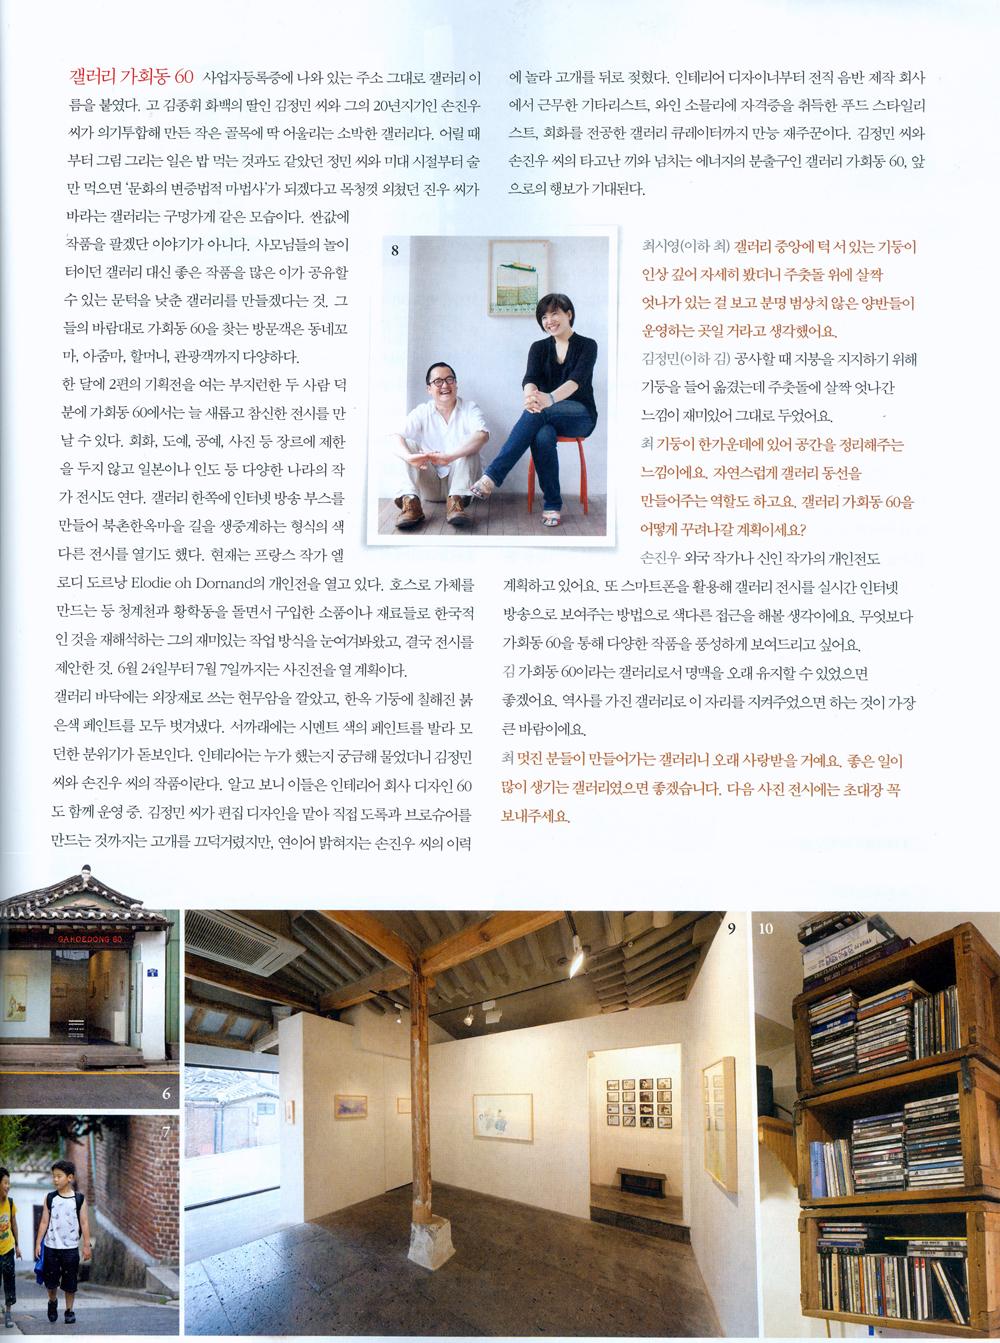 월간지'행복이 가득한 집' 7월호에 기재된 저희 가회동60의 기사입니다.